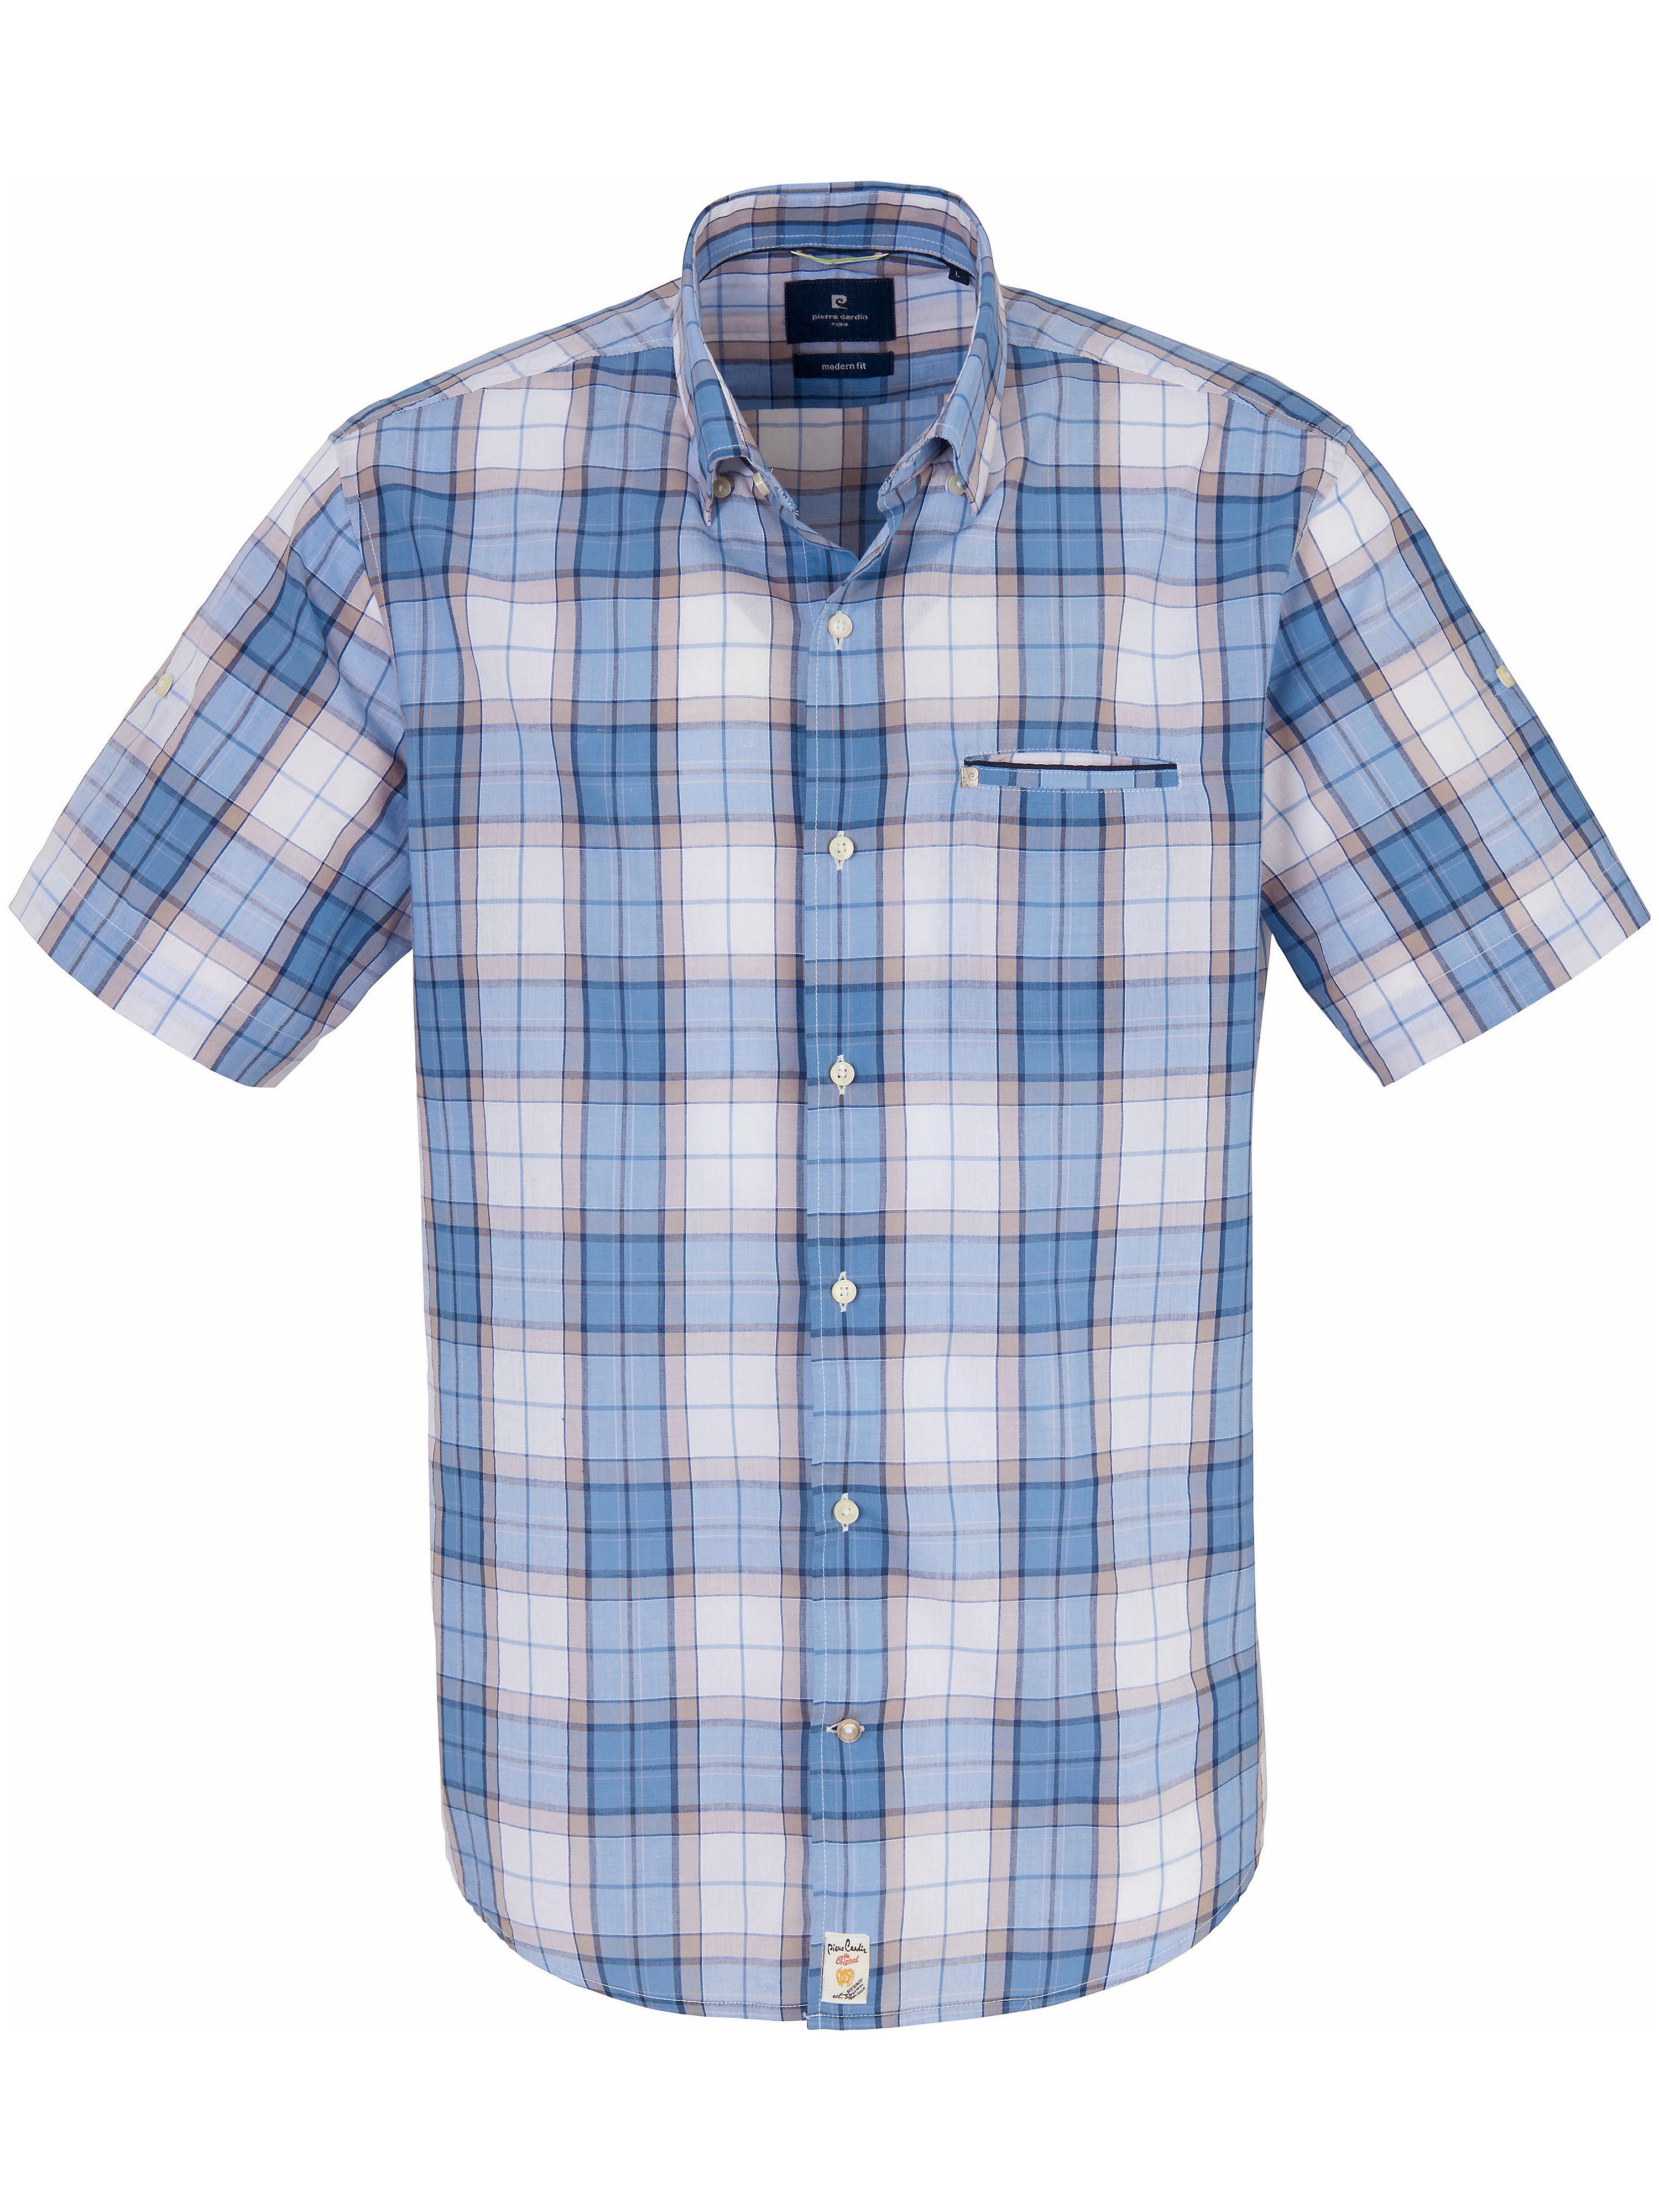 Pierre Cardin Skjorta Modern Fit kort ärm från Pierre Cardin blå